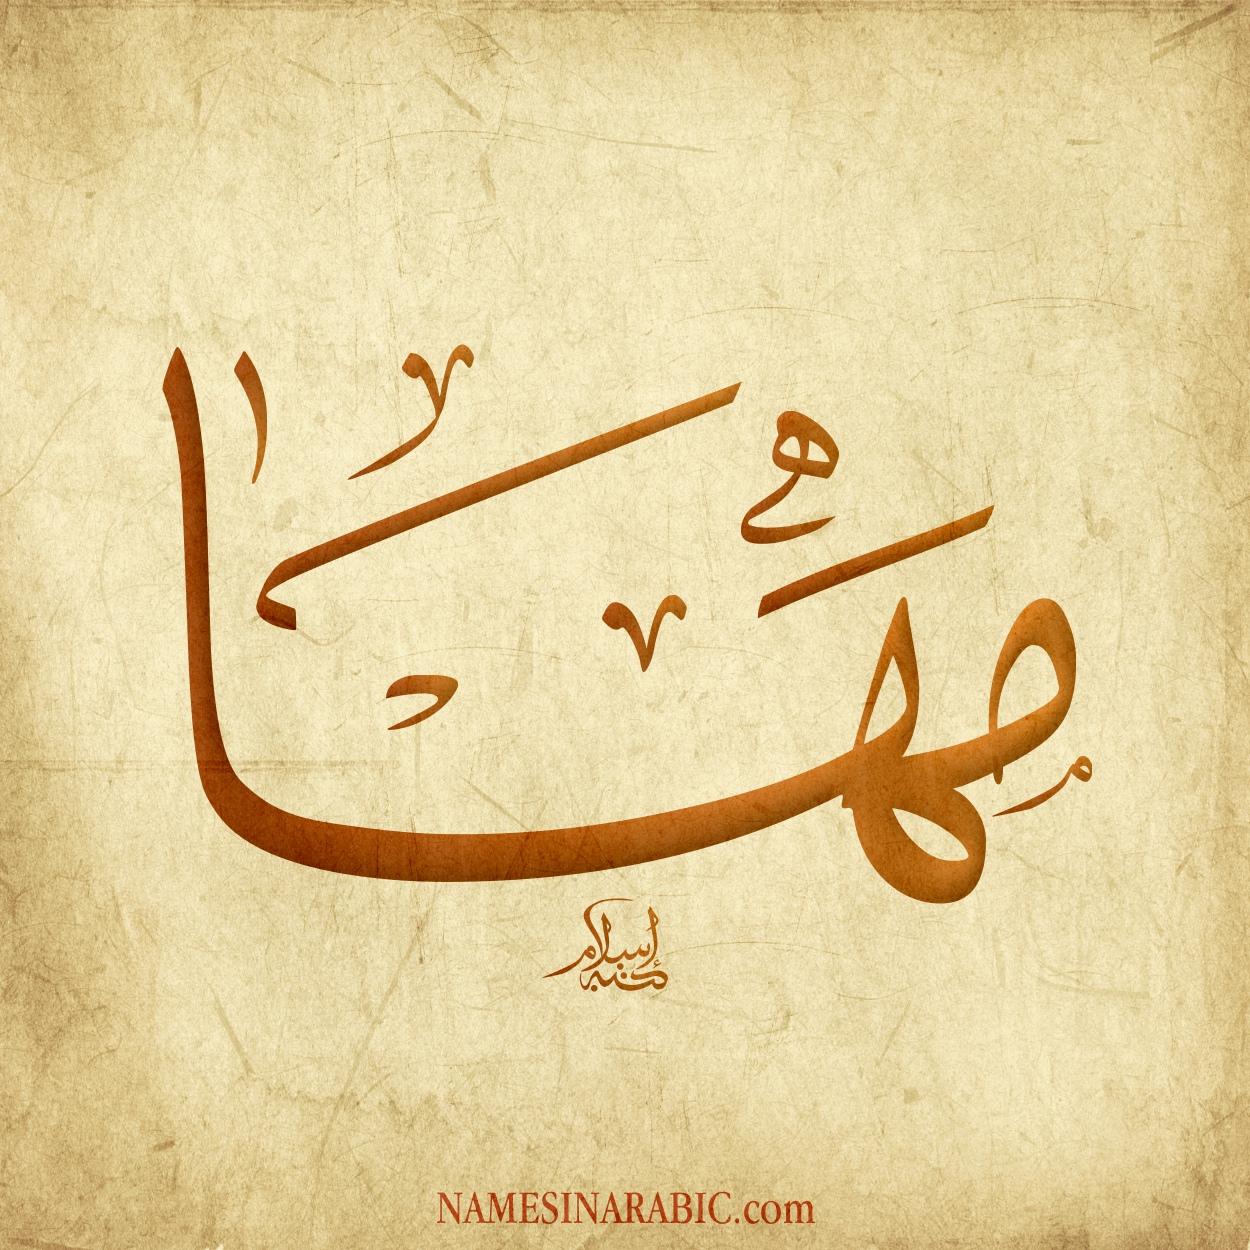 صورة اسم مَها Maha اسم مَها بالخط العربي من موقع الأسماء بالخط العربي بريشة الفنان إسلام ابن الفضل